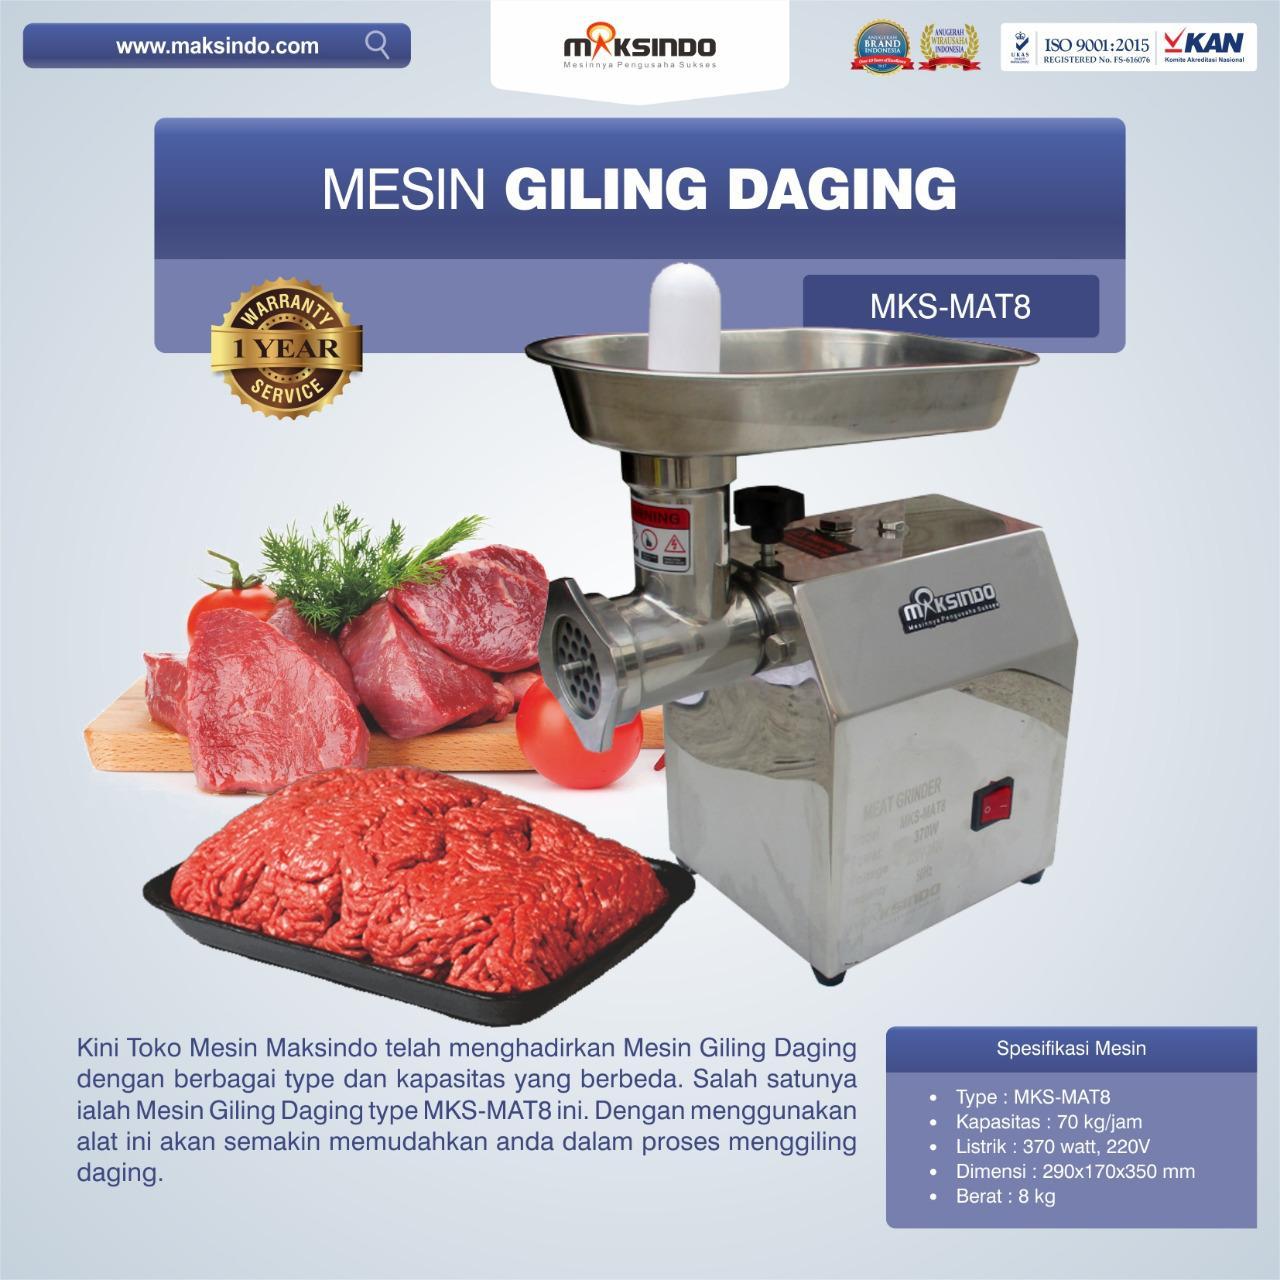 Jual Mesin Giling Daging MKS-MAT8 di Bogor